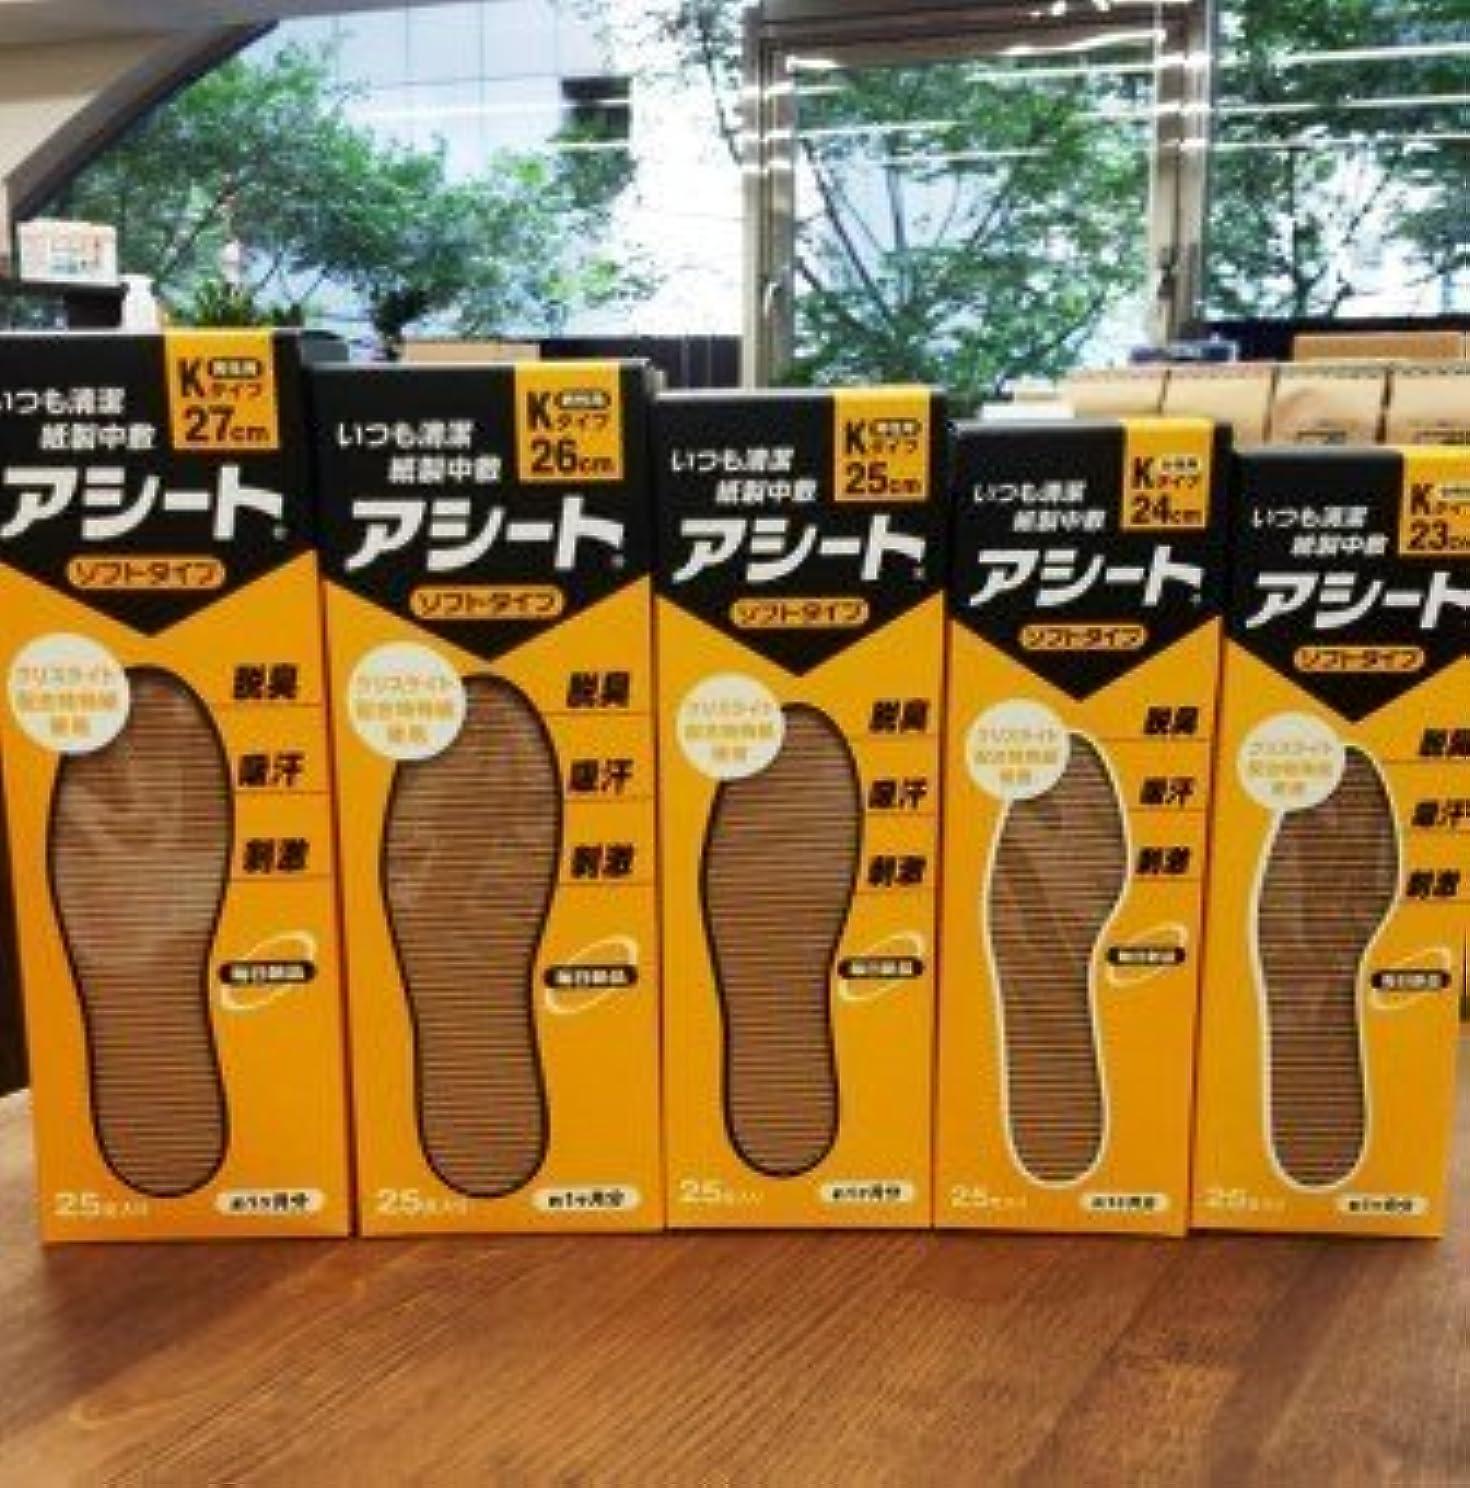 寛大な逸脱燃料アシートK(サイズ27cm)×3箱セット(8足増量中)